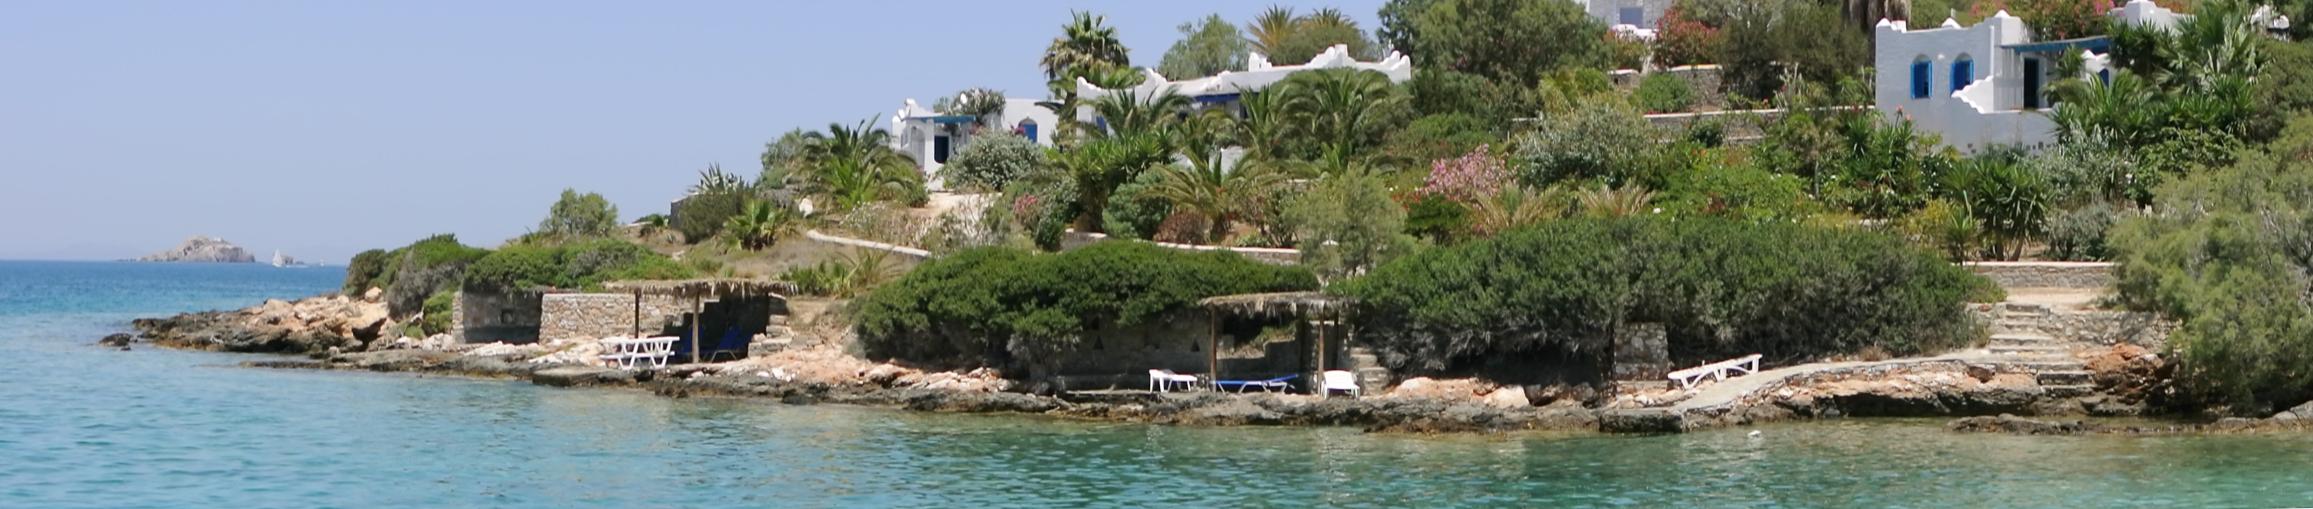 Aghia Irini Villas beach